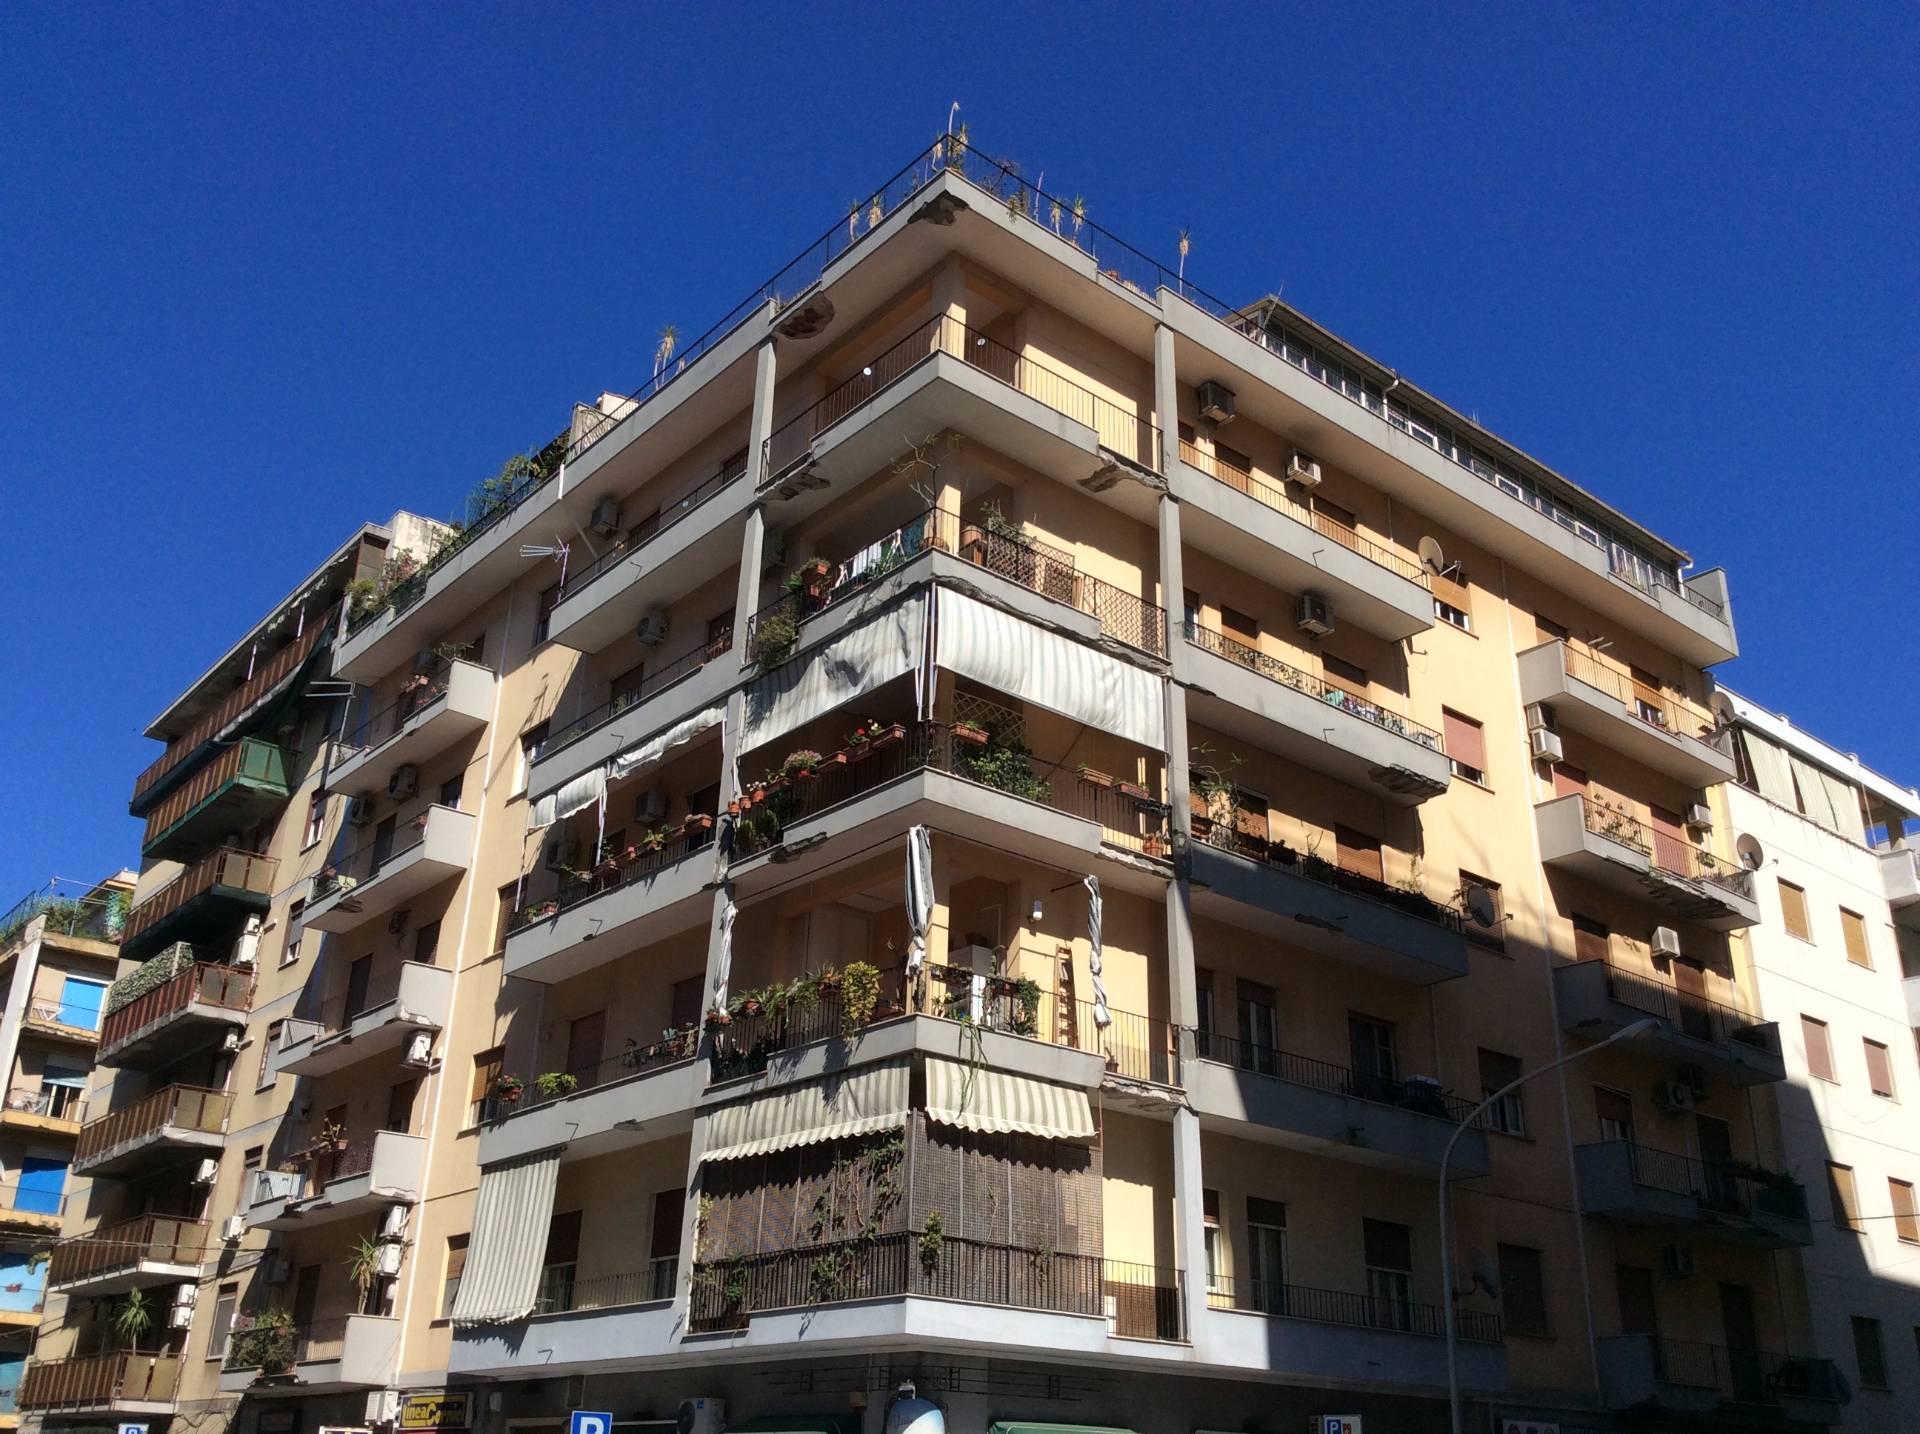 Appartamento in vendita a Palermo, 5 locali, zona Località: villabianca, prezzo € 280.000 | CambioCasa.it